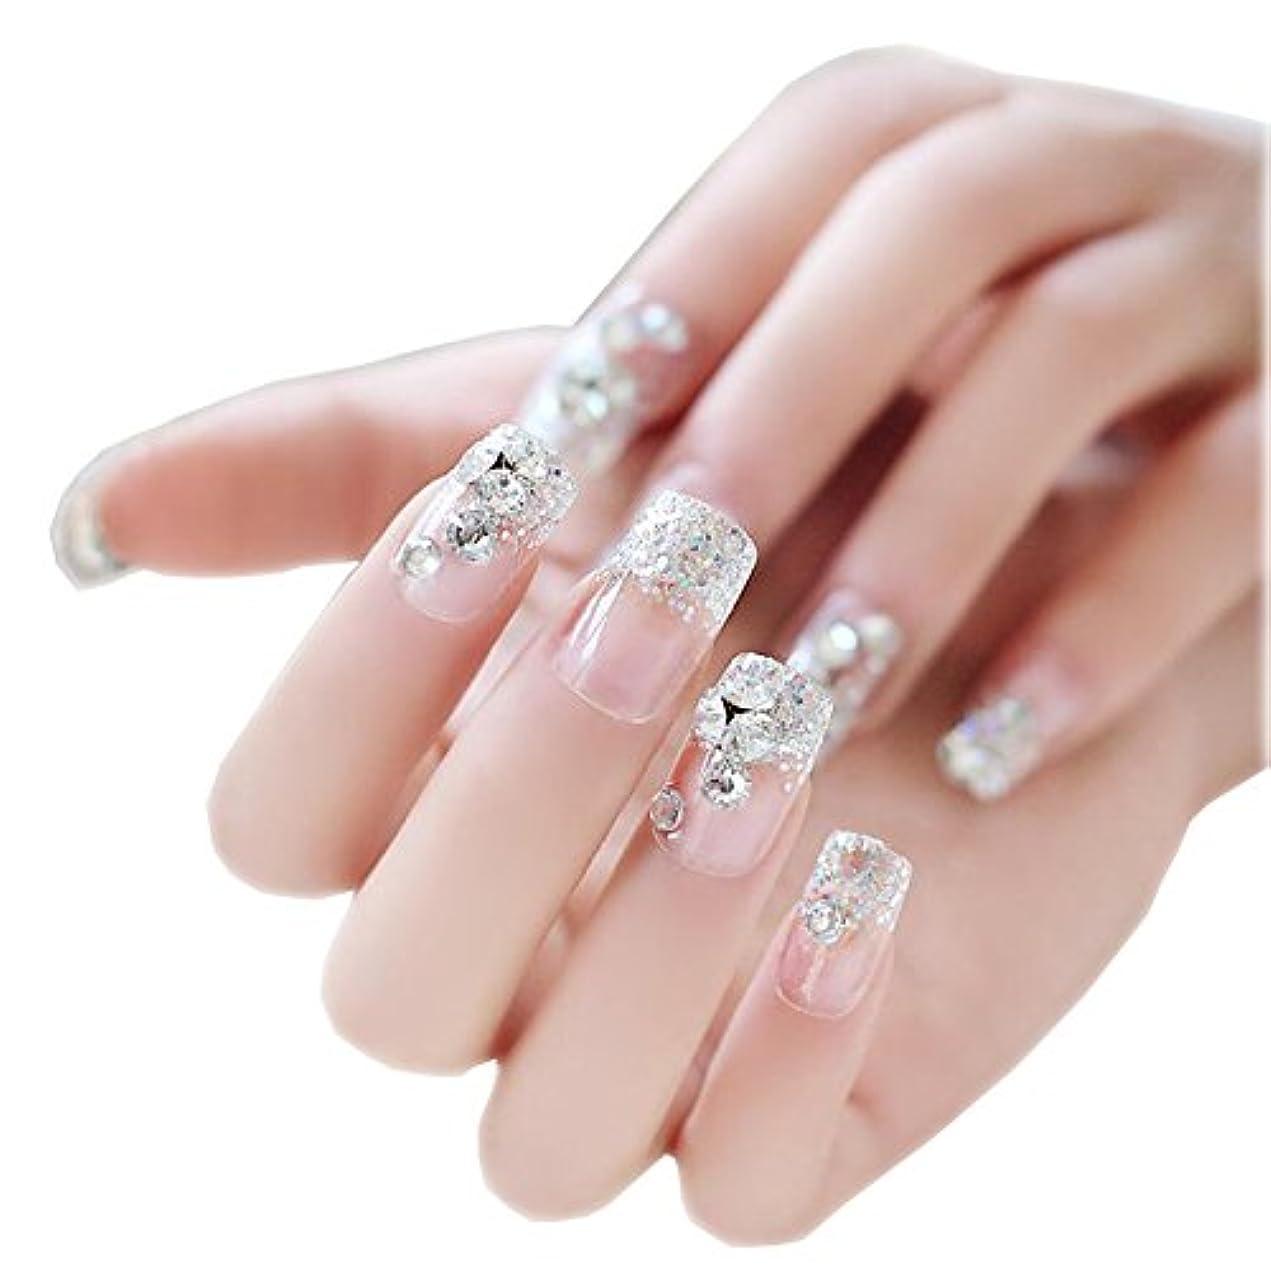 復活バクテリア経度ネイルアートデカールのネイルは一時的にダイヤモンドで透明に包み込みます